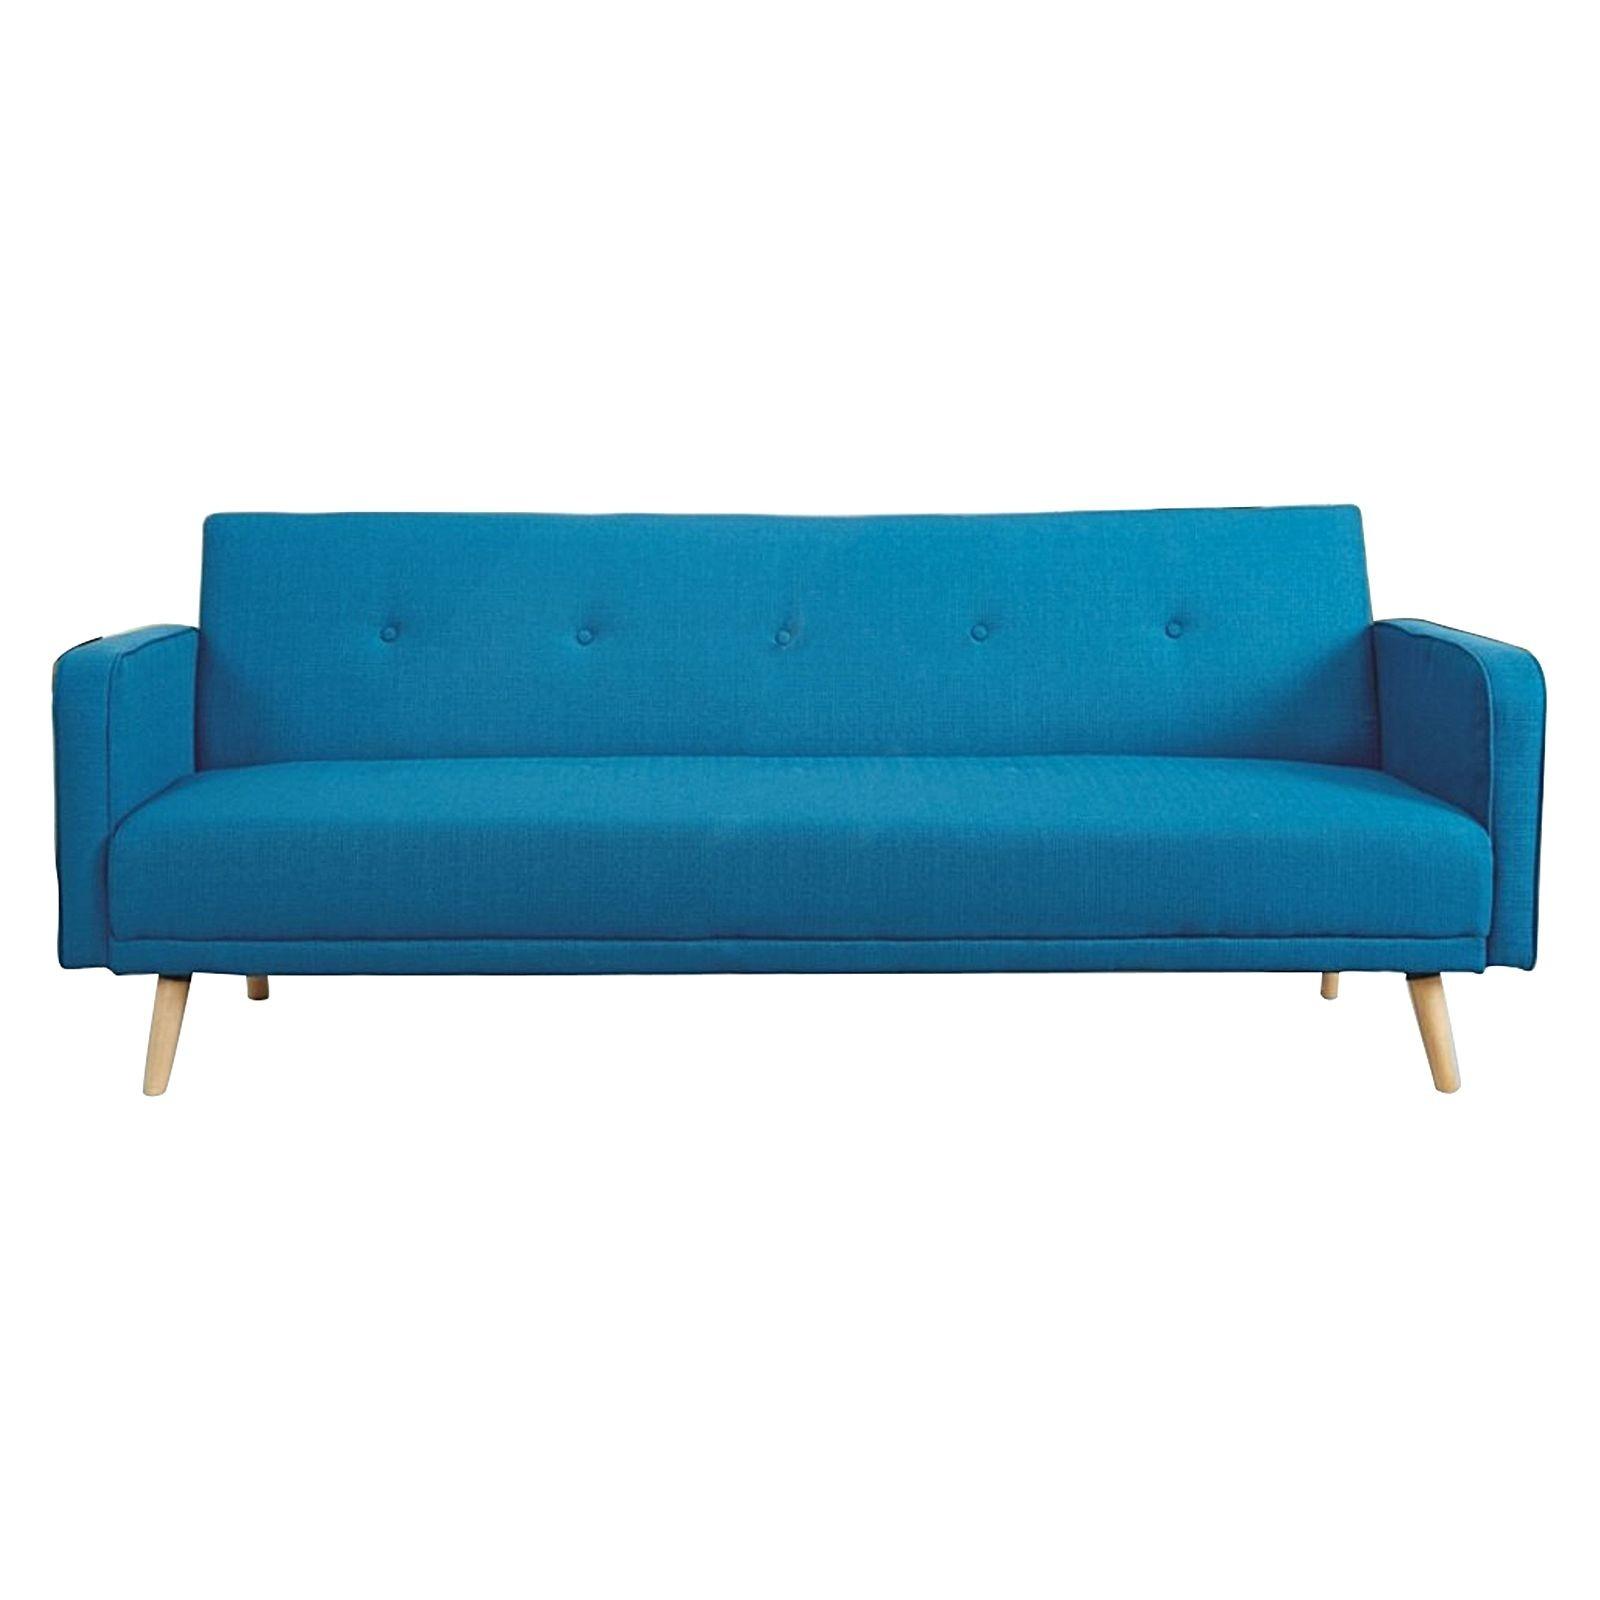 New delmar click clack sofa bed dodicci sofa